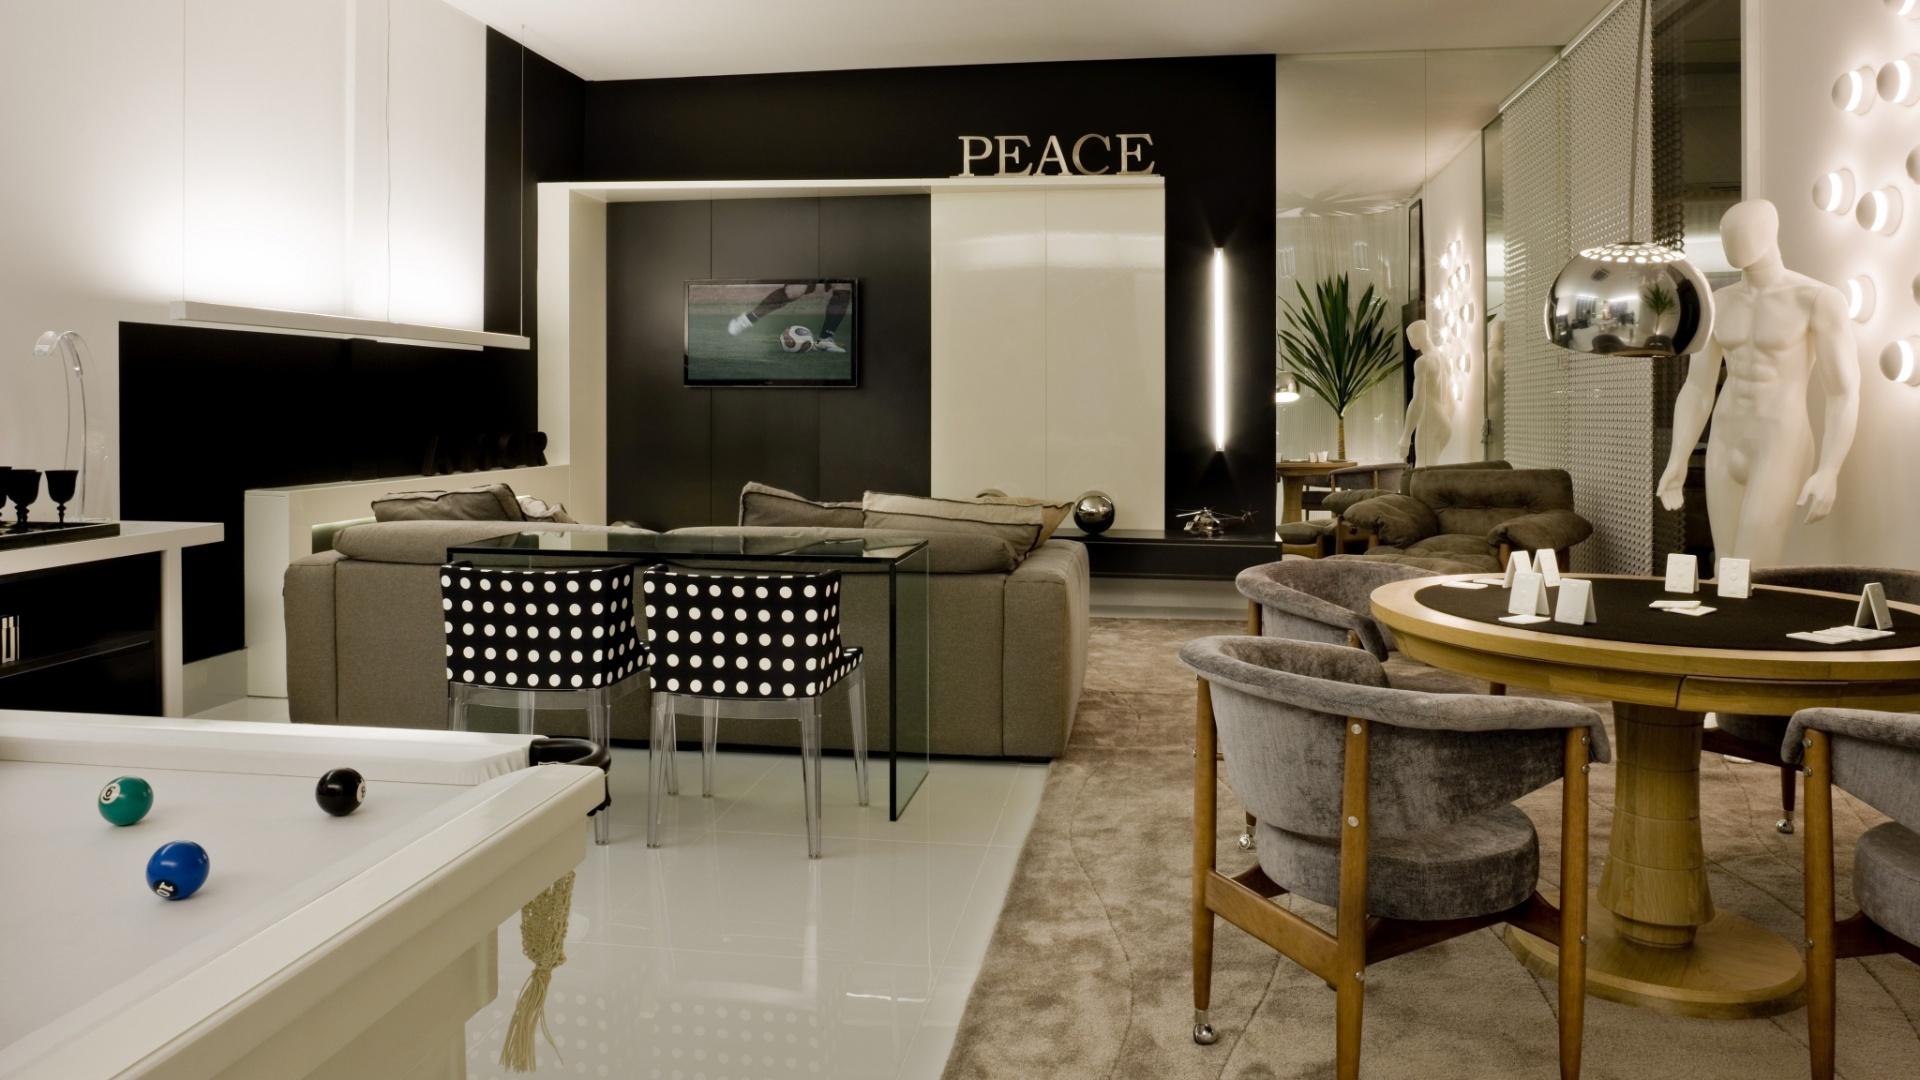 #0B346C Raquel Cabral Interiores: Como os estilos podem ser usados em sala bar 1920x1080 px Cozinha Designer De Casa_238 Imagens